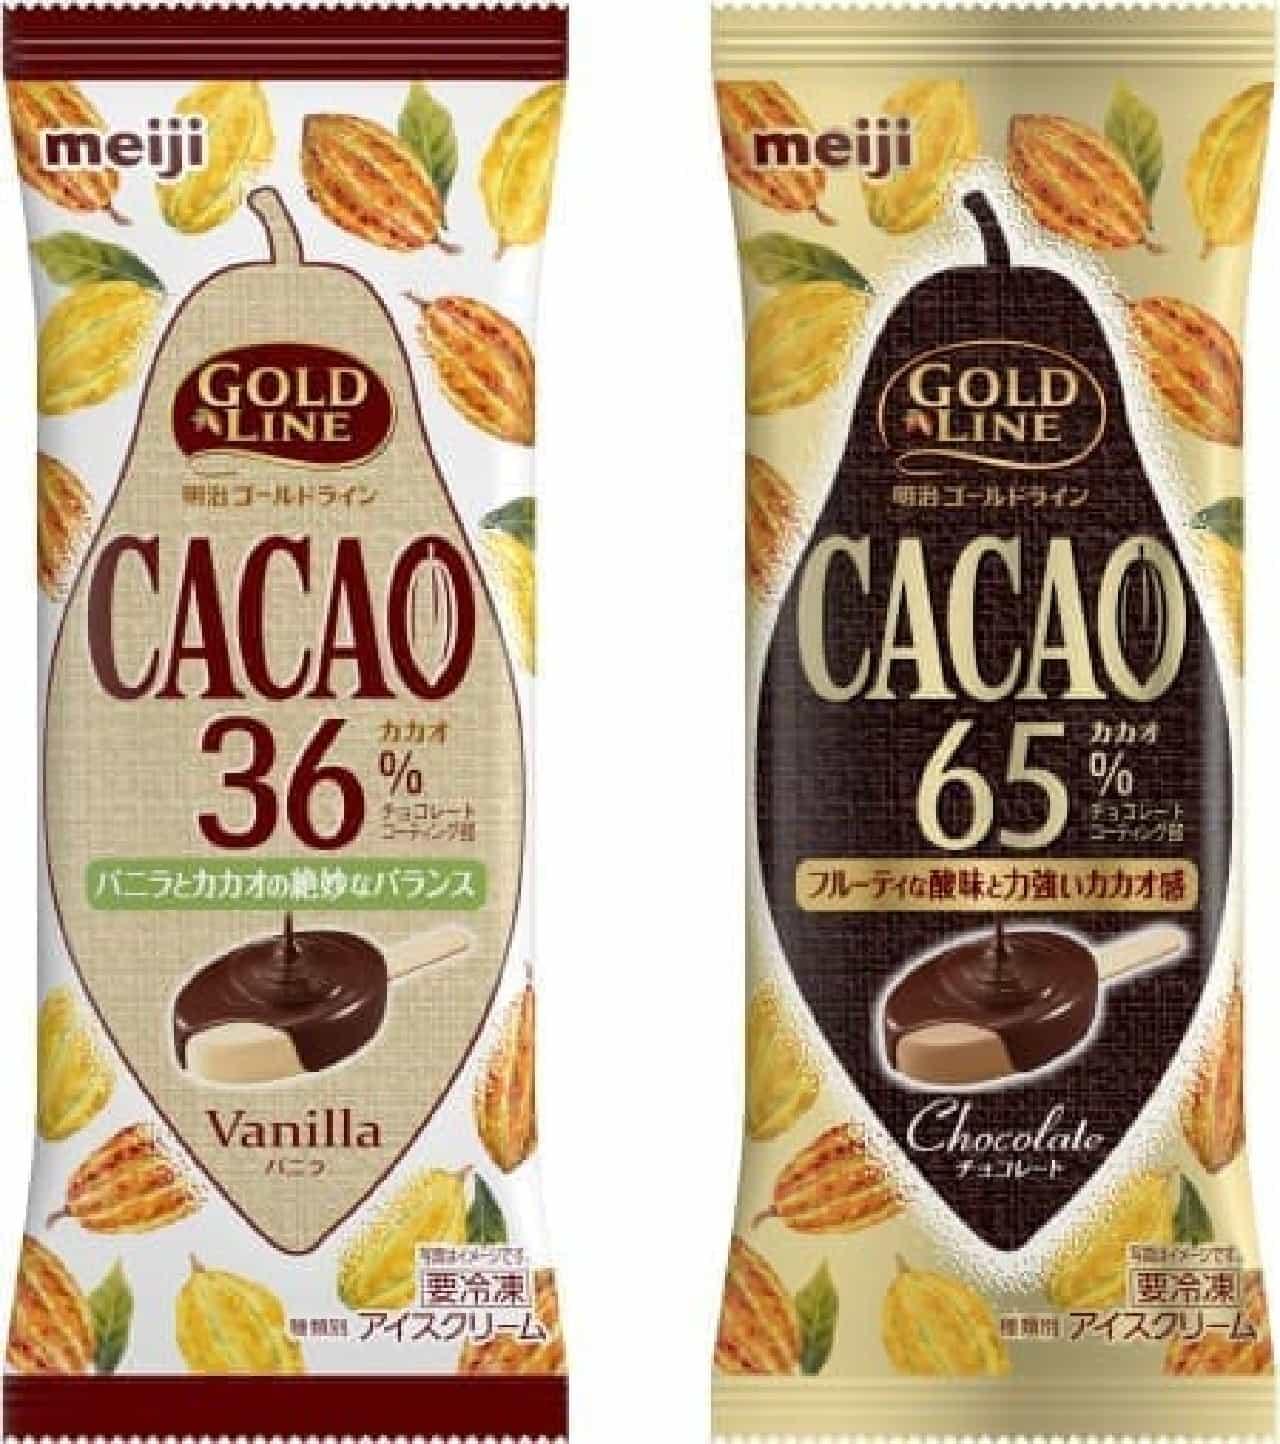 明治「GOLD LINE CACAO(カカオ)36% バニラ」「同 CACAO65% チョコレート」